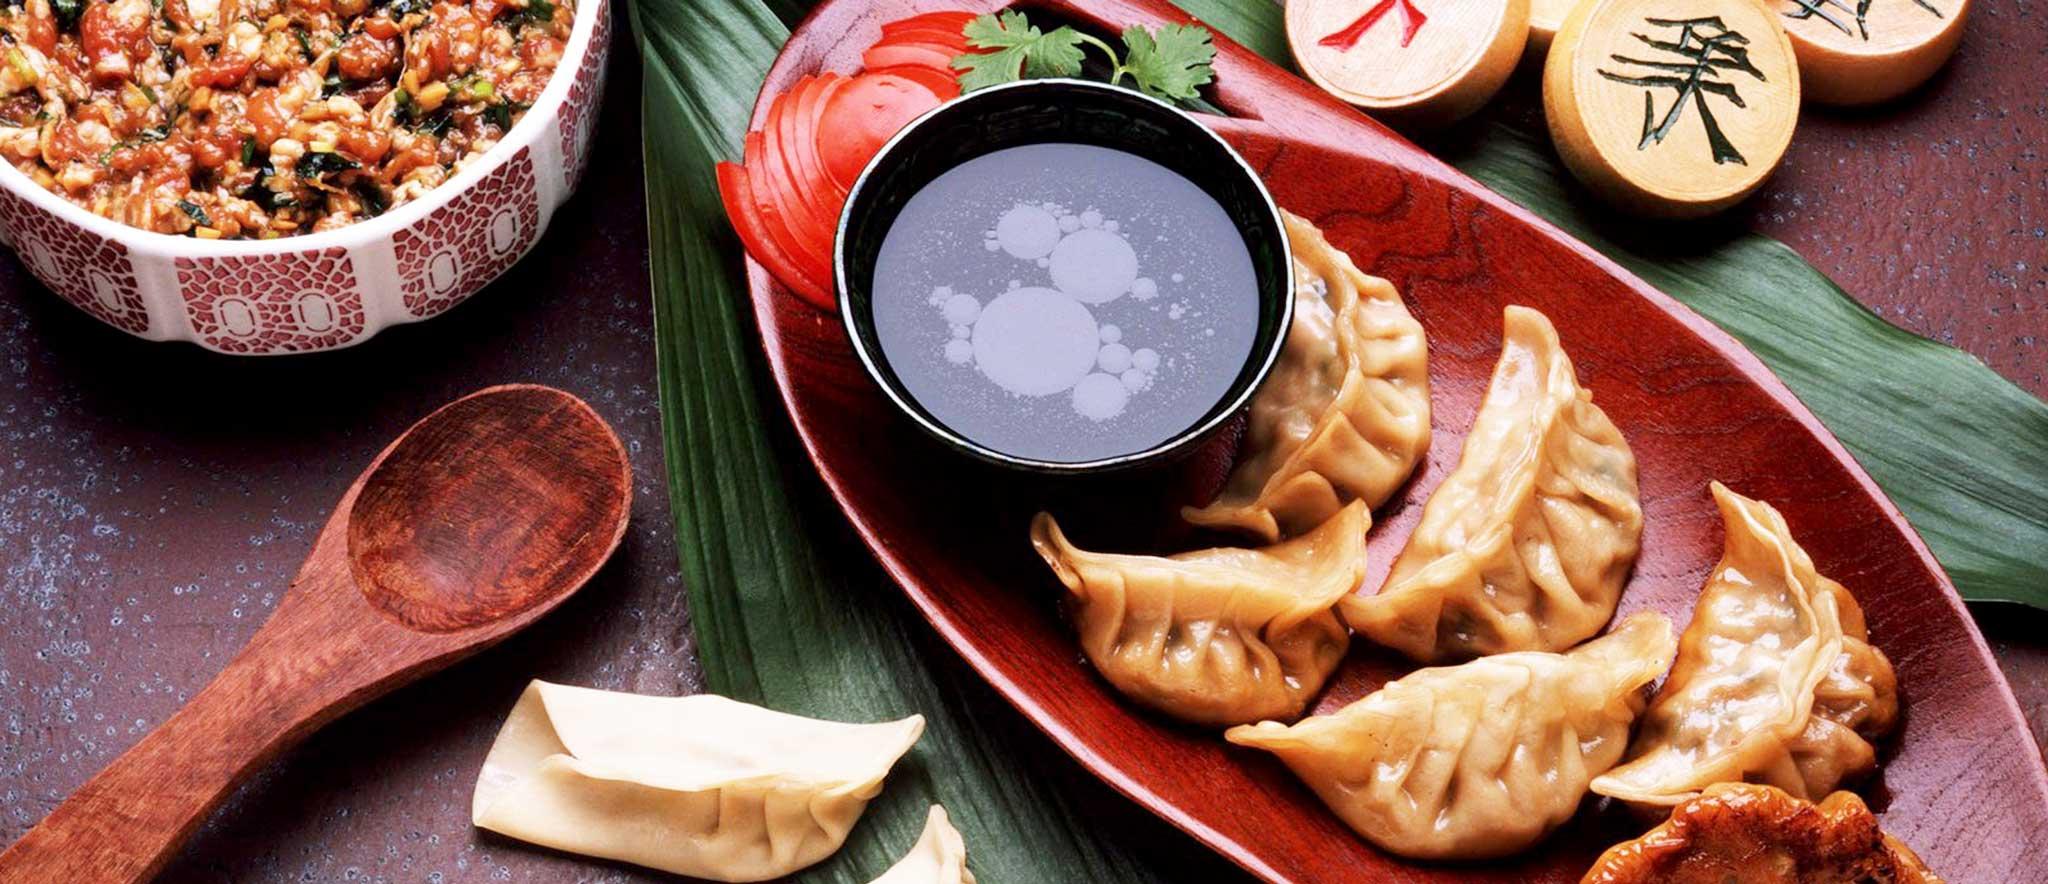 asian holiday food